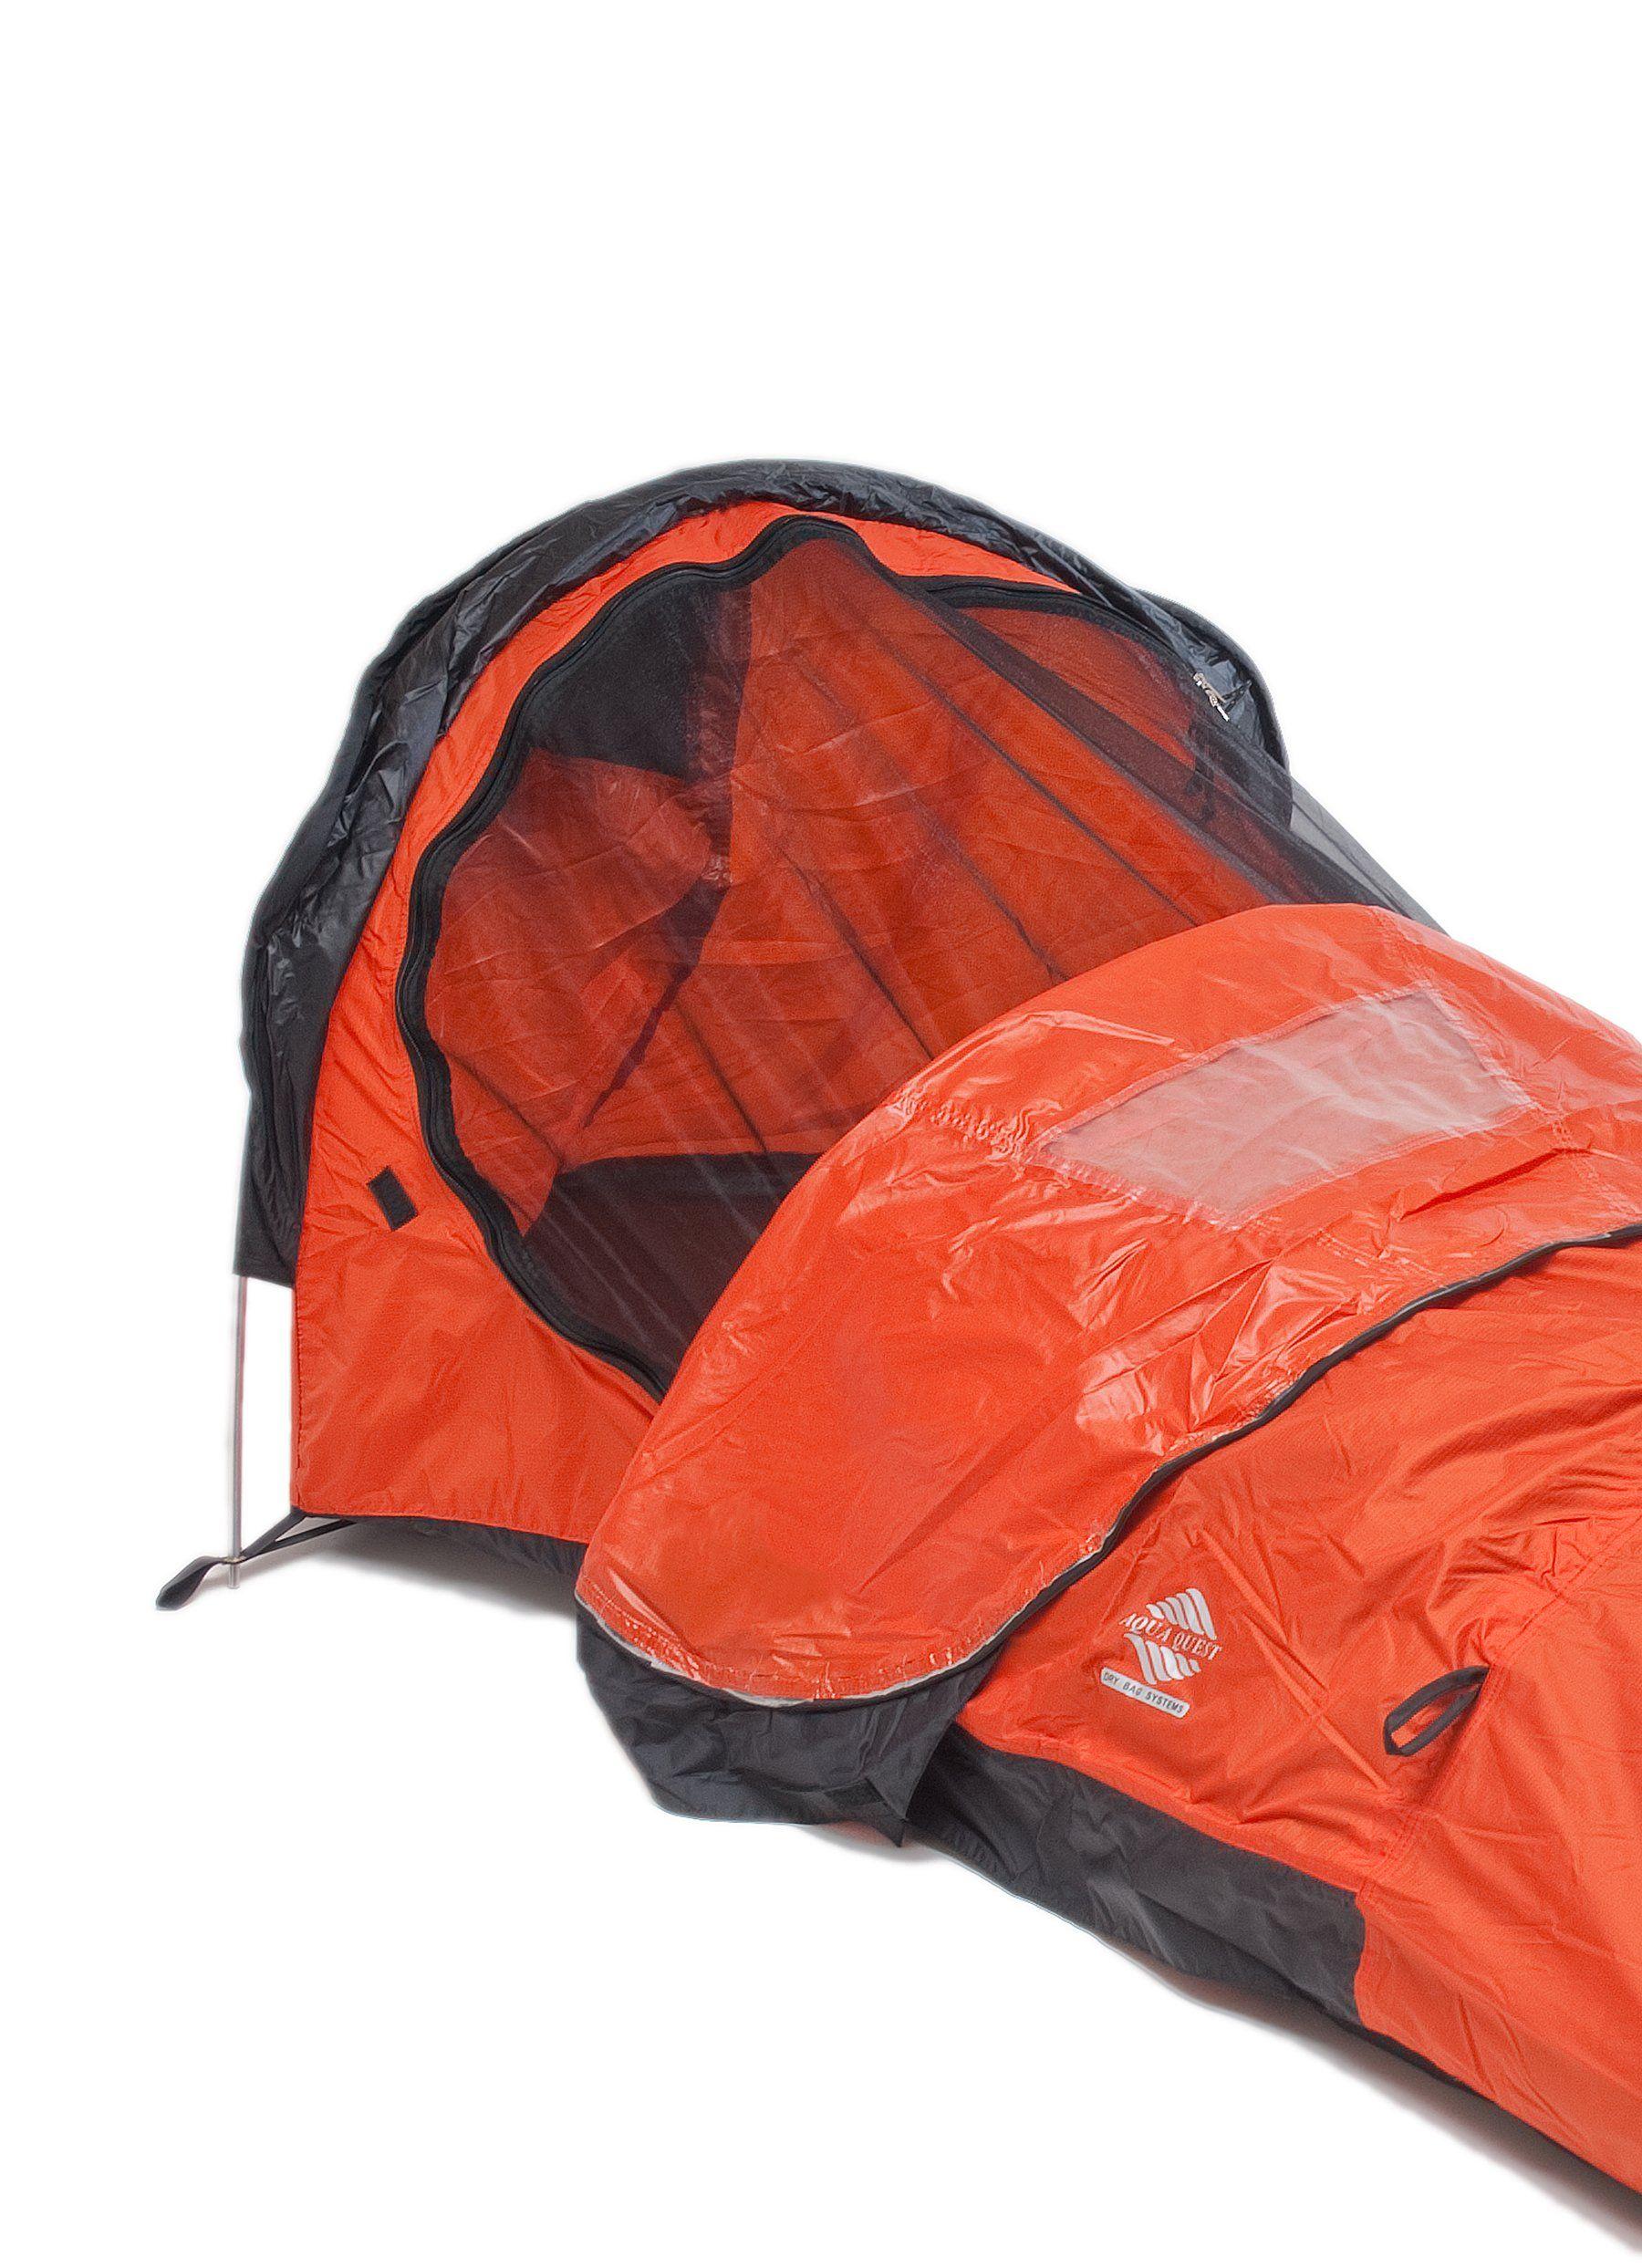 Amazon.com  Aqua-Quest u0027Single Poleu0027 Waterproof u0026 Breathable Ultra Light · One Man TentBivy ...  sc 1 st  Pinterest & Amazon.com : Aqua-Quest u0027Single Poleu0027 Waterproof u0026 Breathable ...